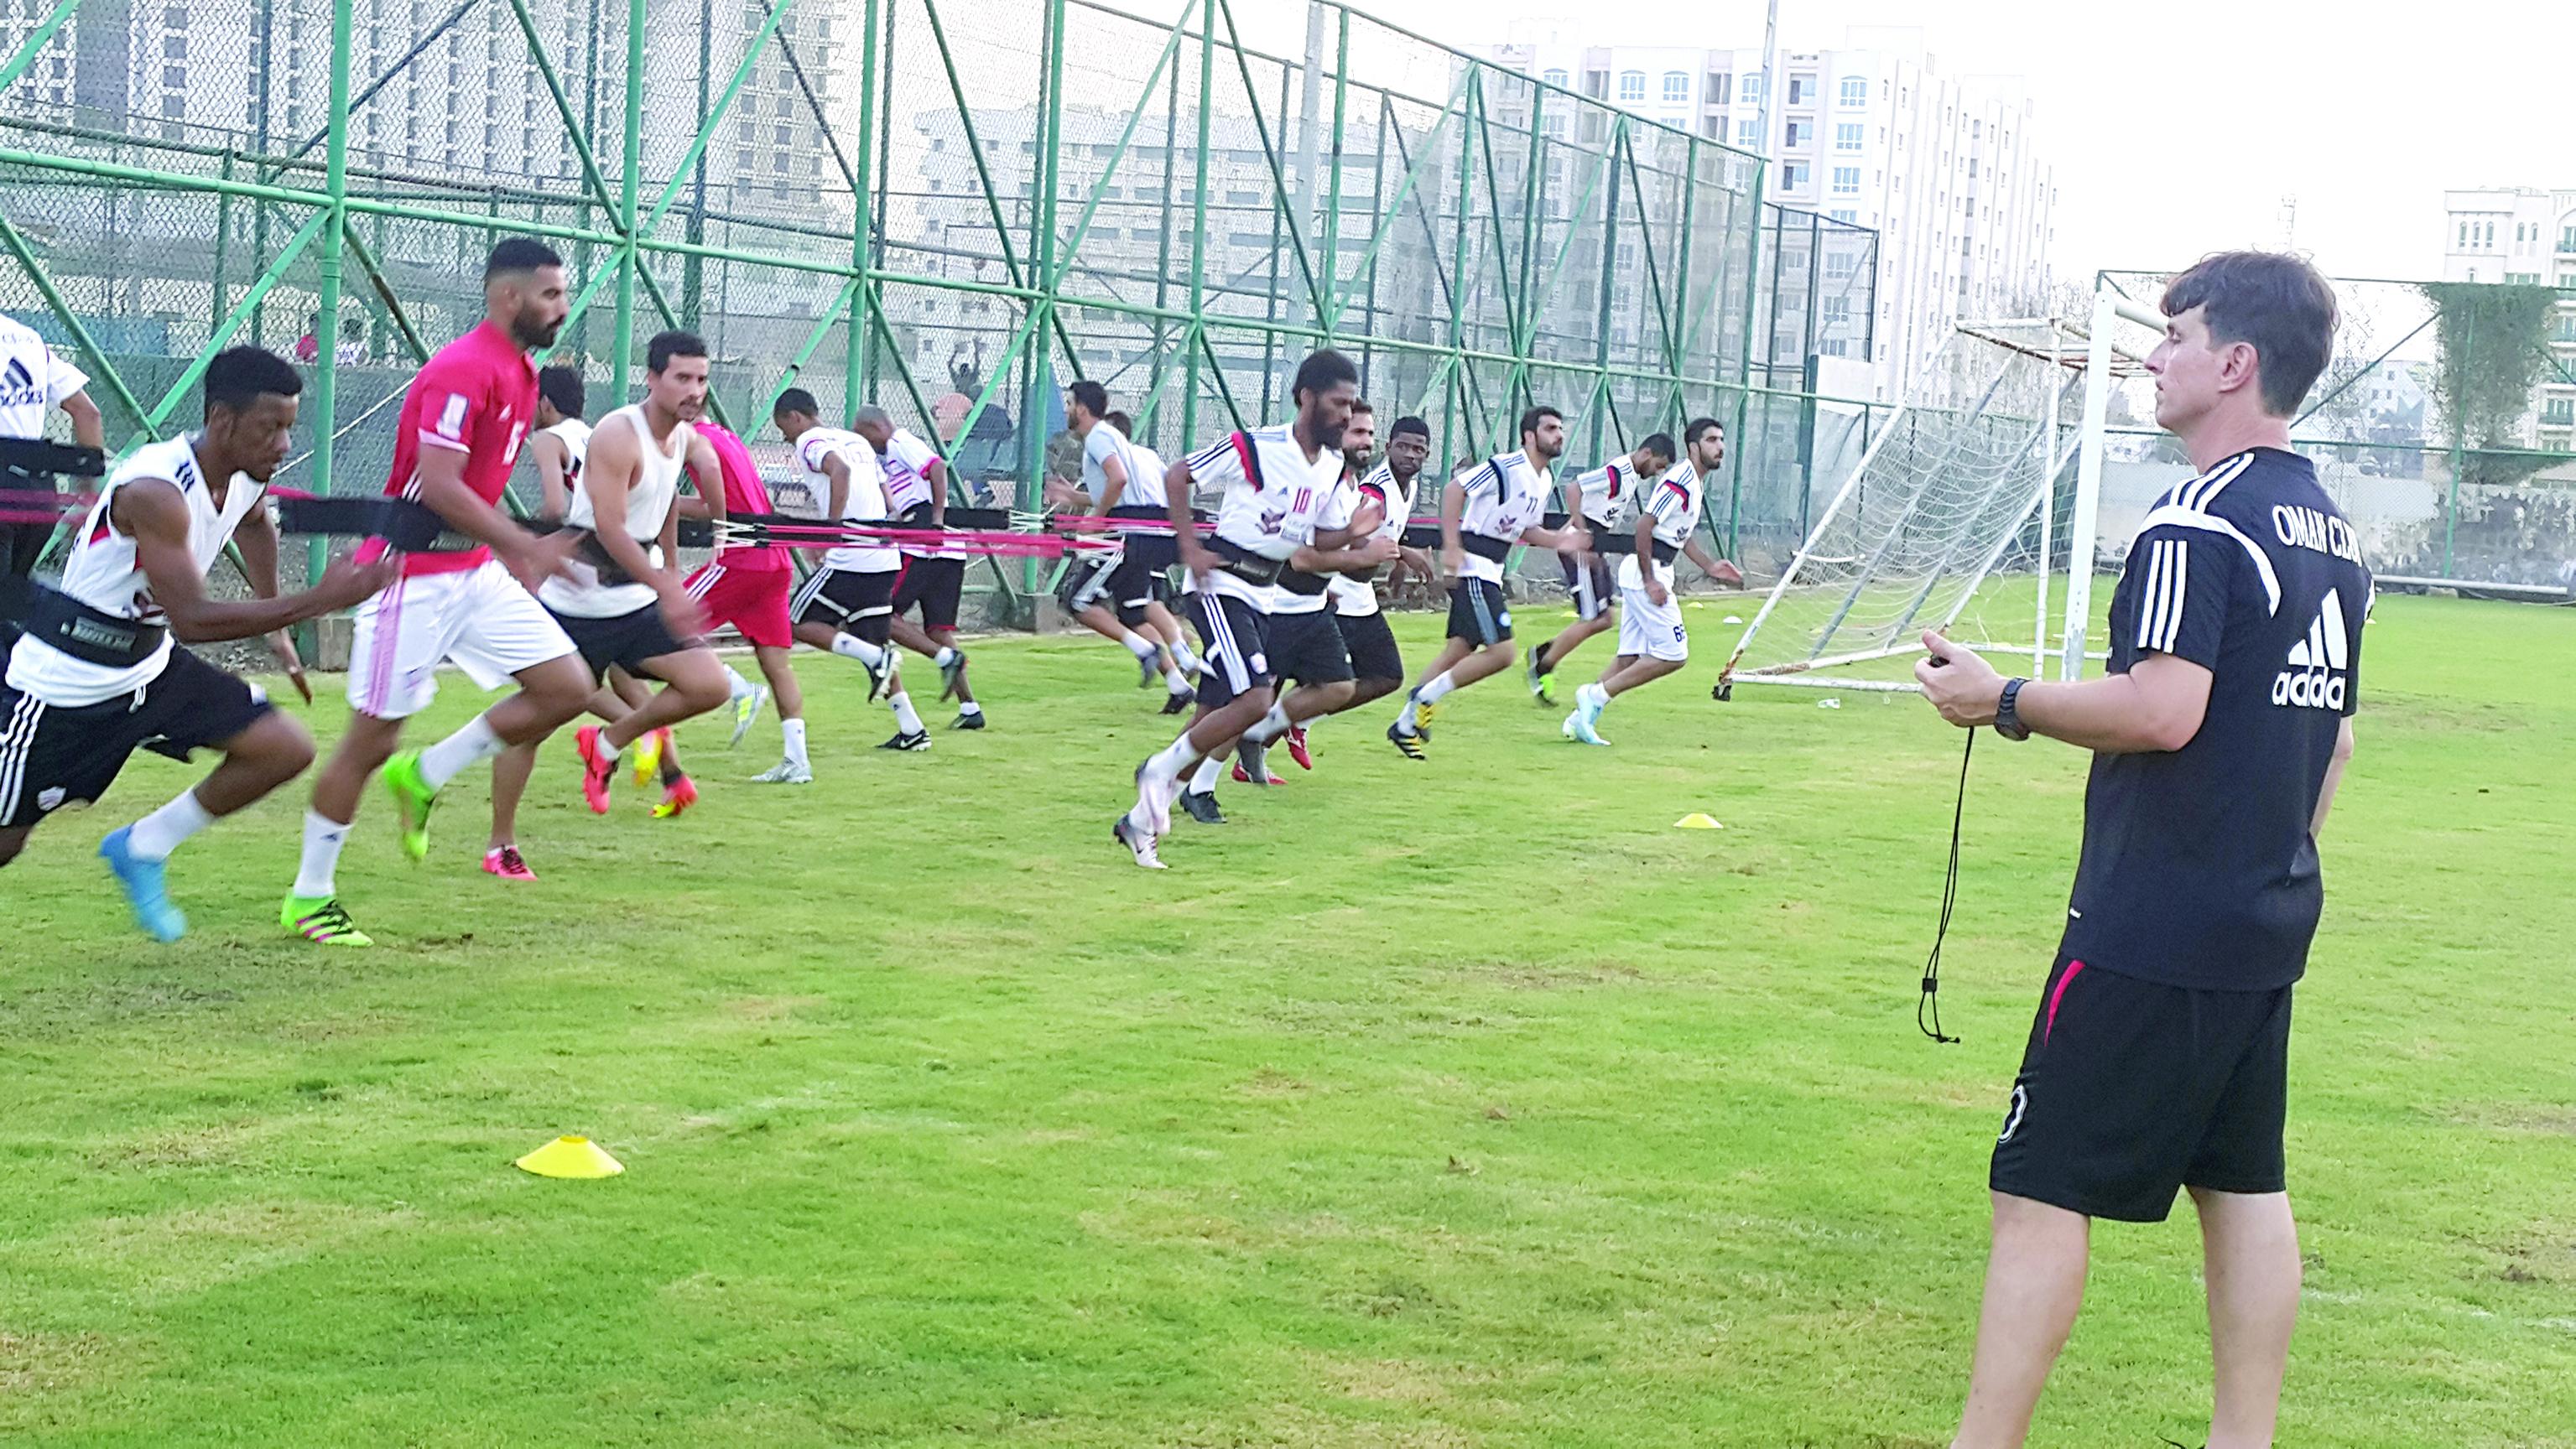 نادي عُمان لكرة القدم يرفع شعار «الهمة نحو القمة»